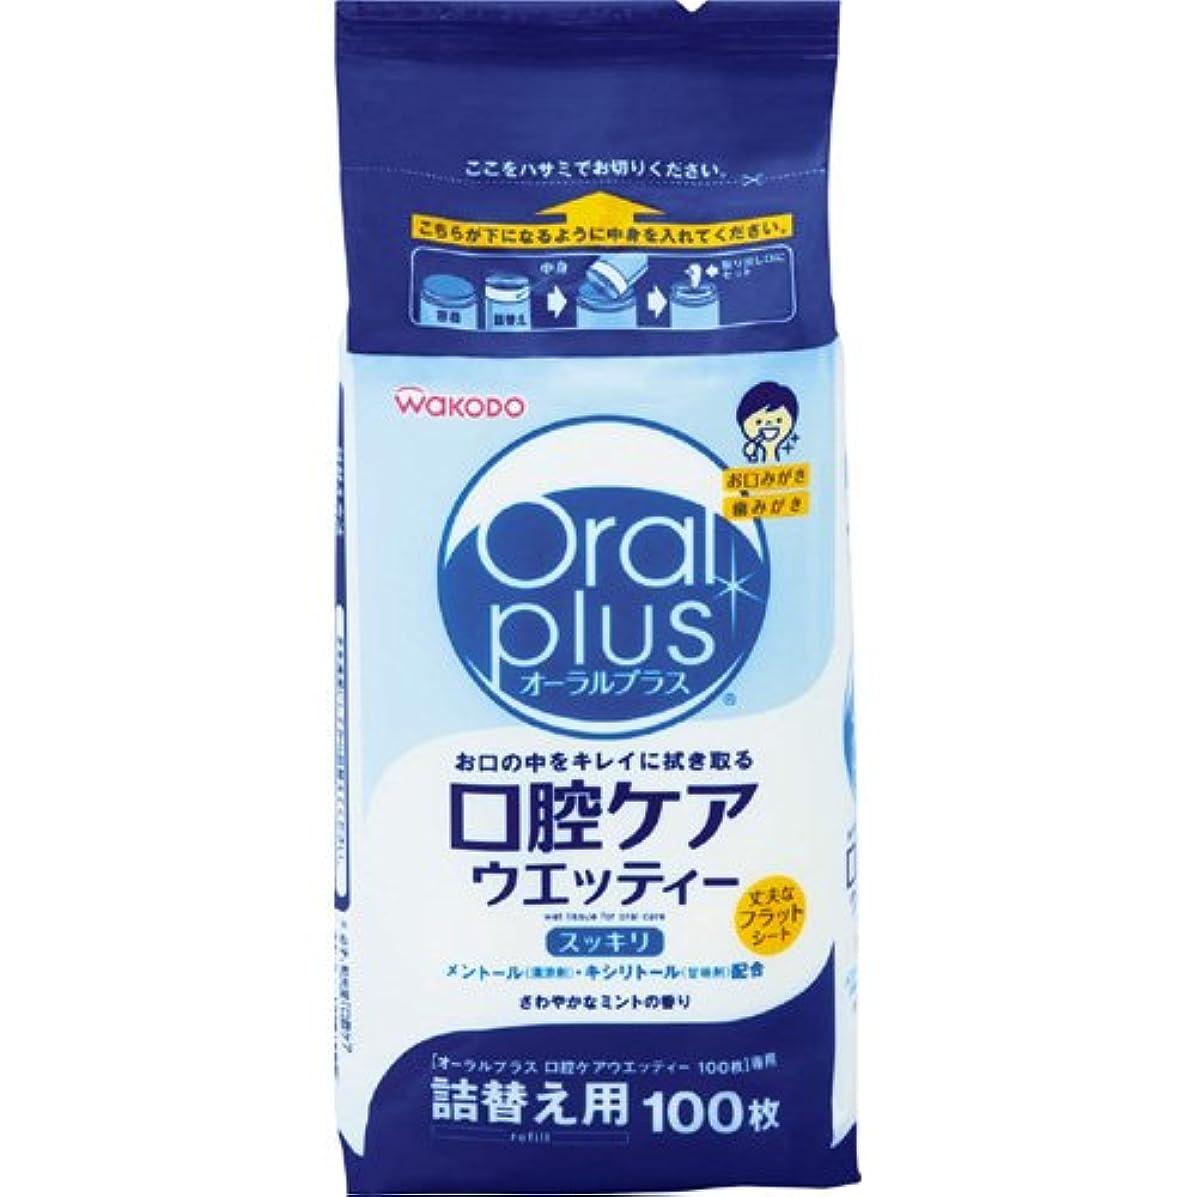 珍しいパット熟達オーラルプラス 口腔ケアウエッティー ミントの香り 詰替え用 100枚 1ケース(12個入)